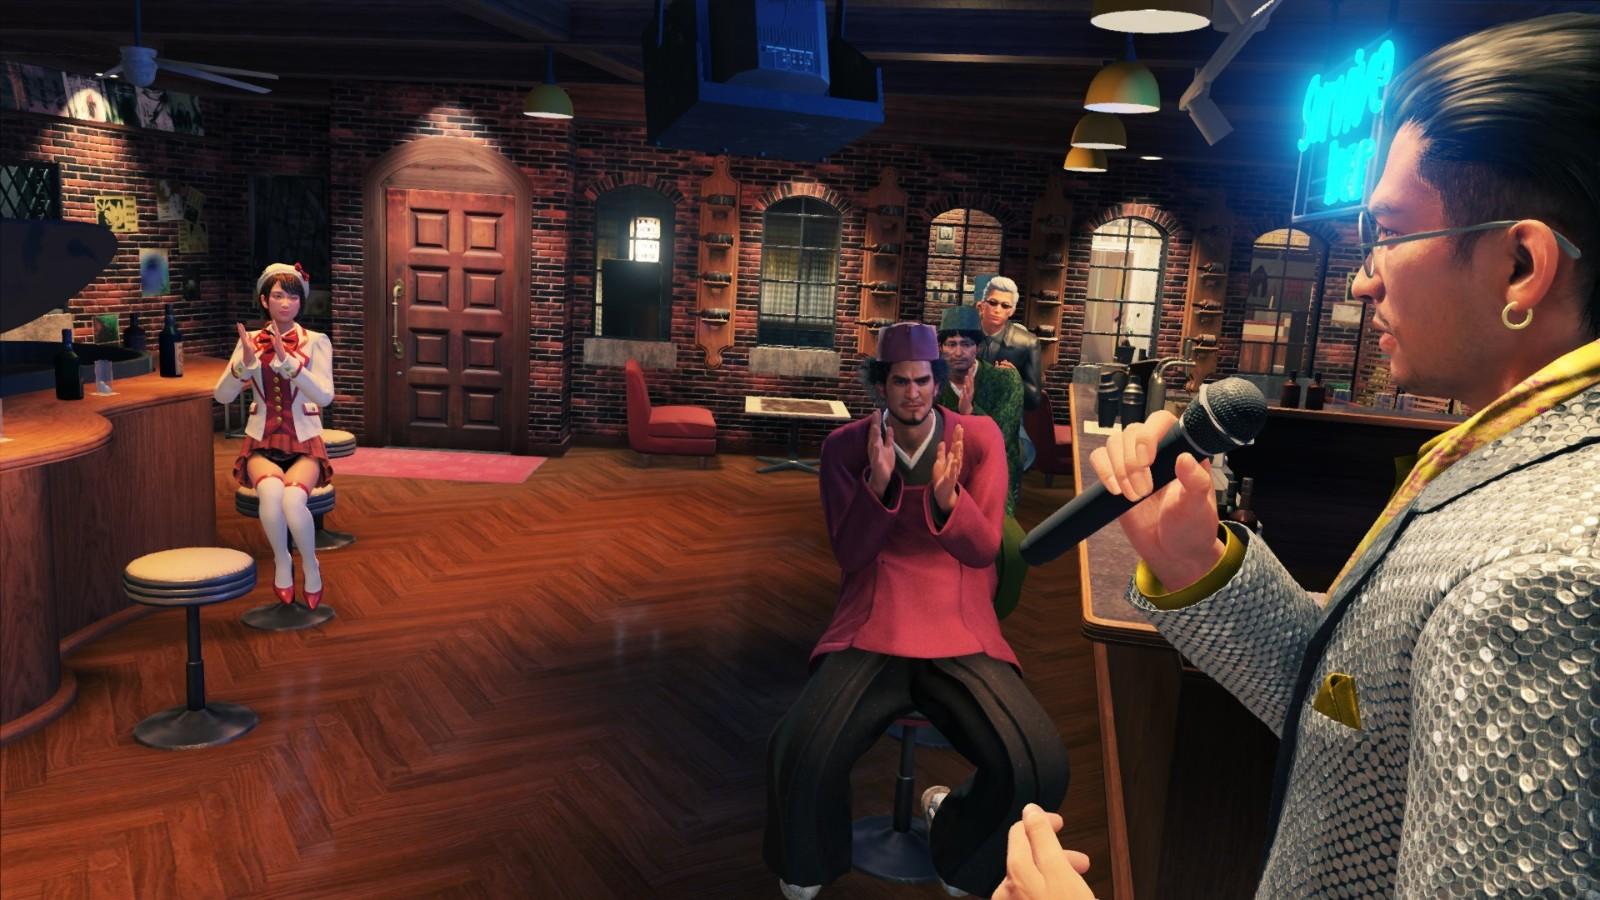 《如龙7》国际版正式登陆PS5 新增多项强化要素截图